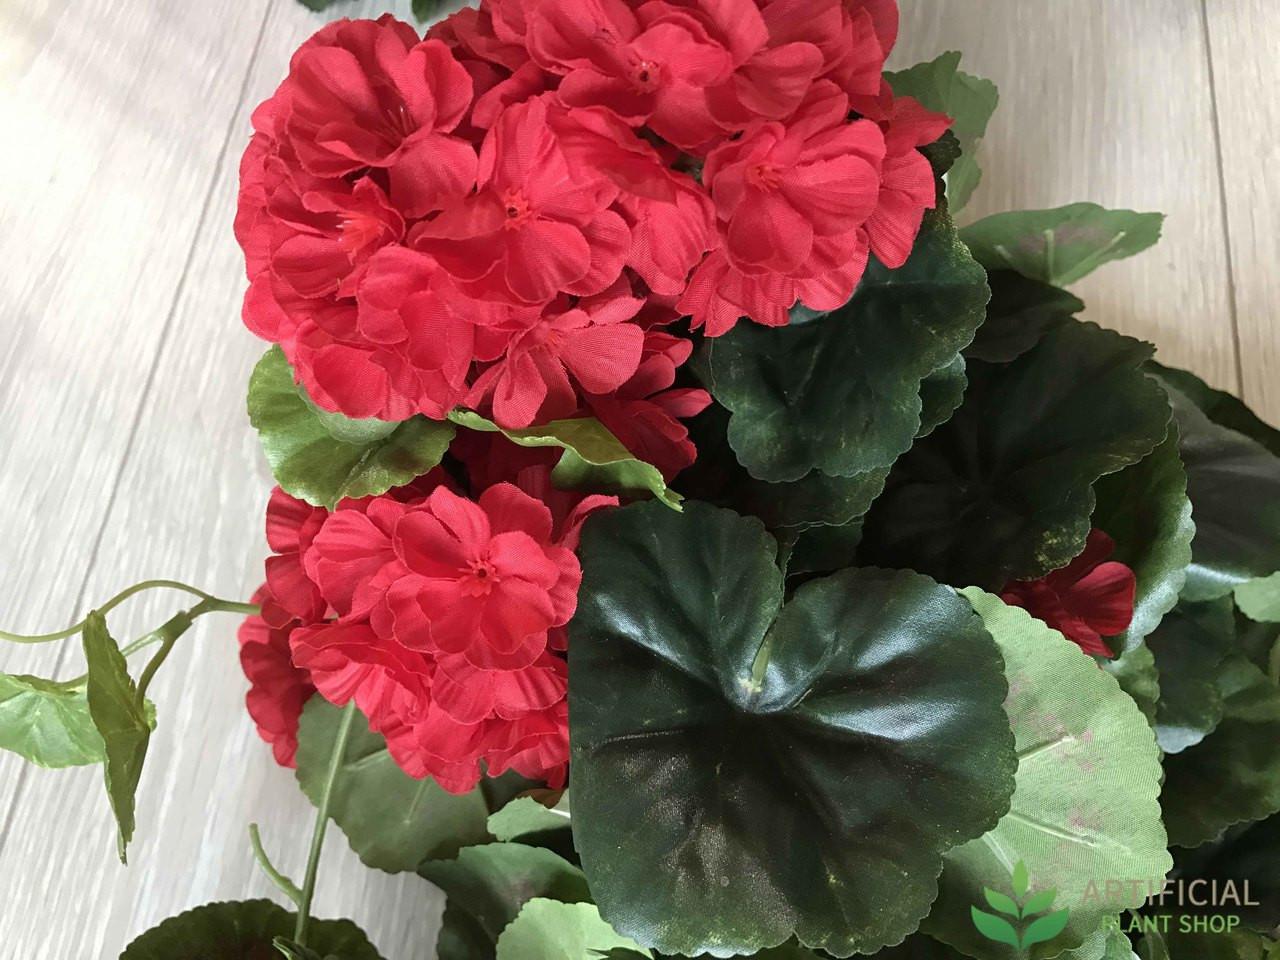 Red Geranium Artificial Flowers